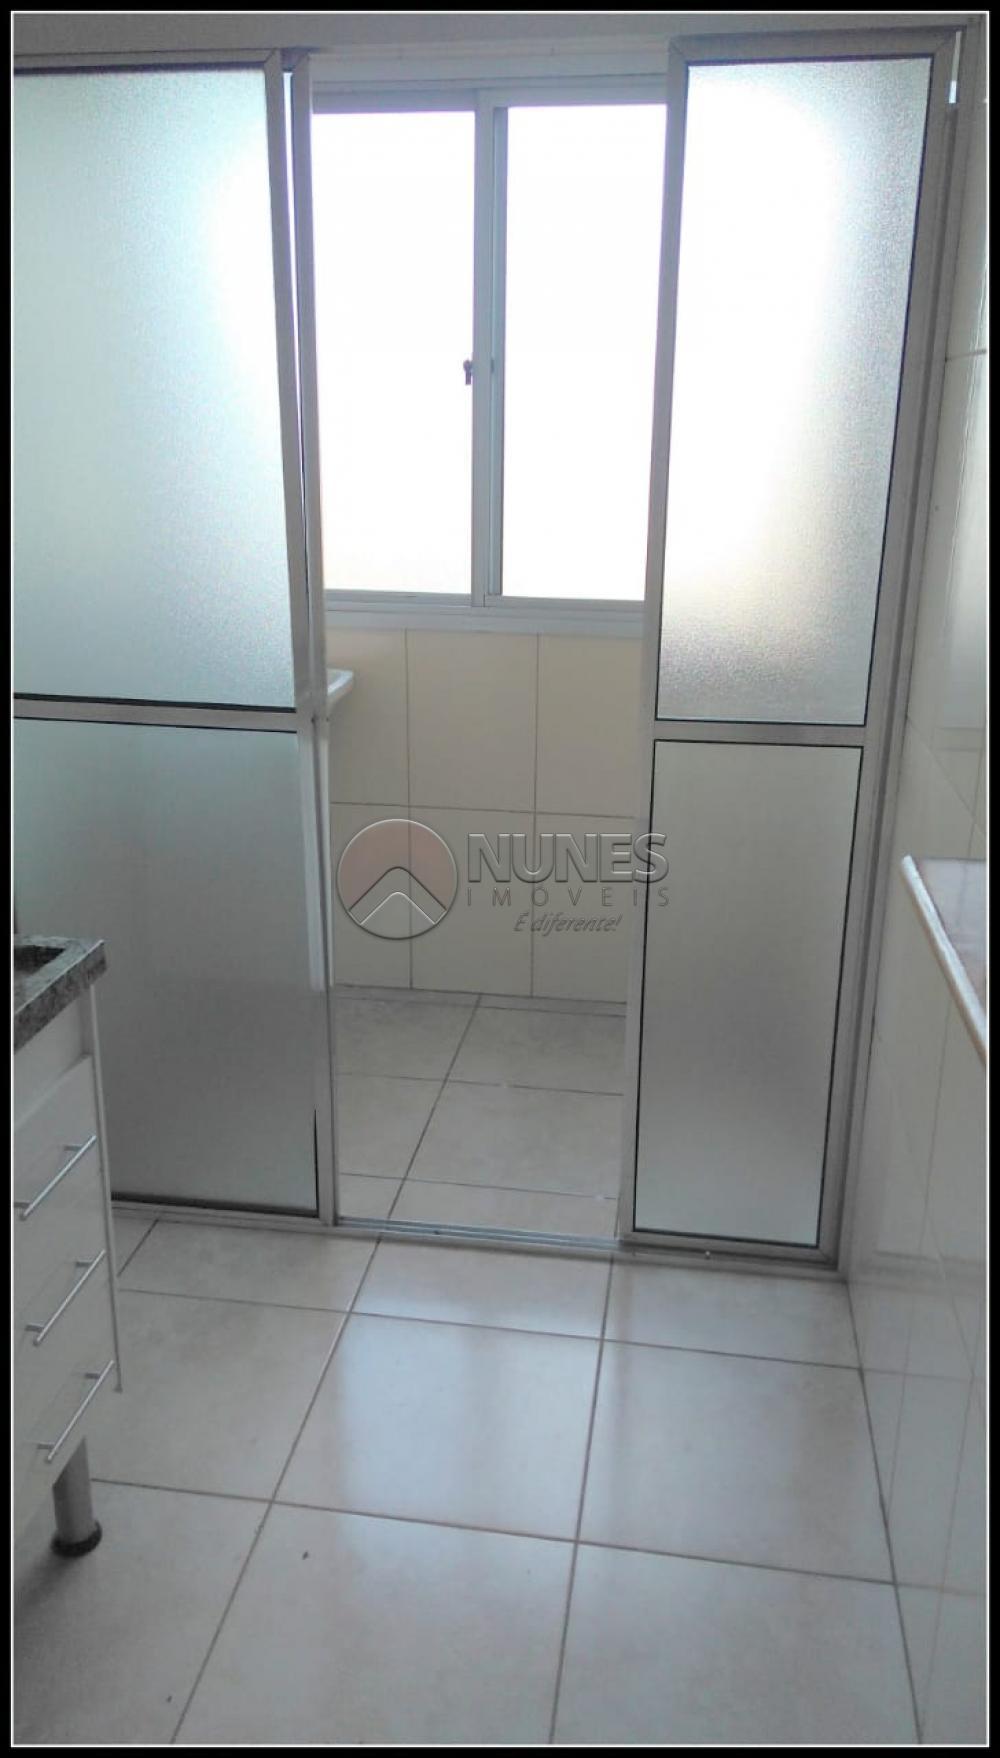 Comprar Apartamento / Padrão em São Paulo apenas R$ 280.000,00 - Foto 16